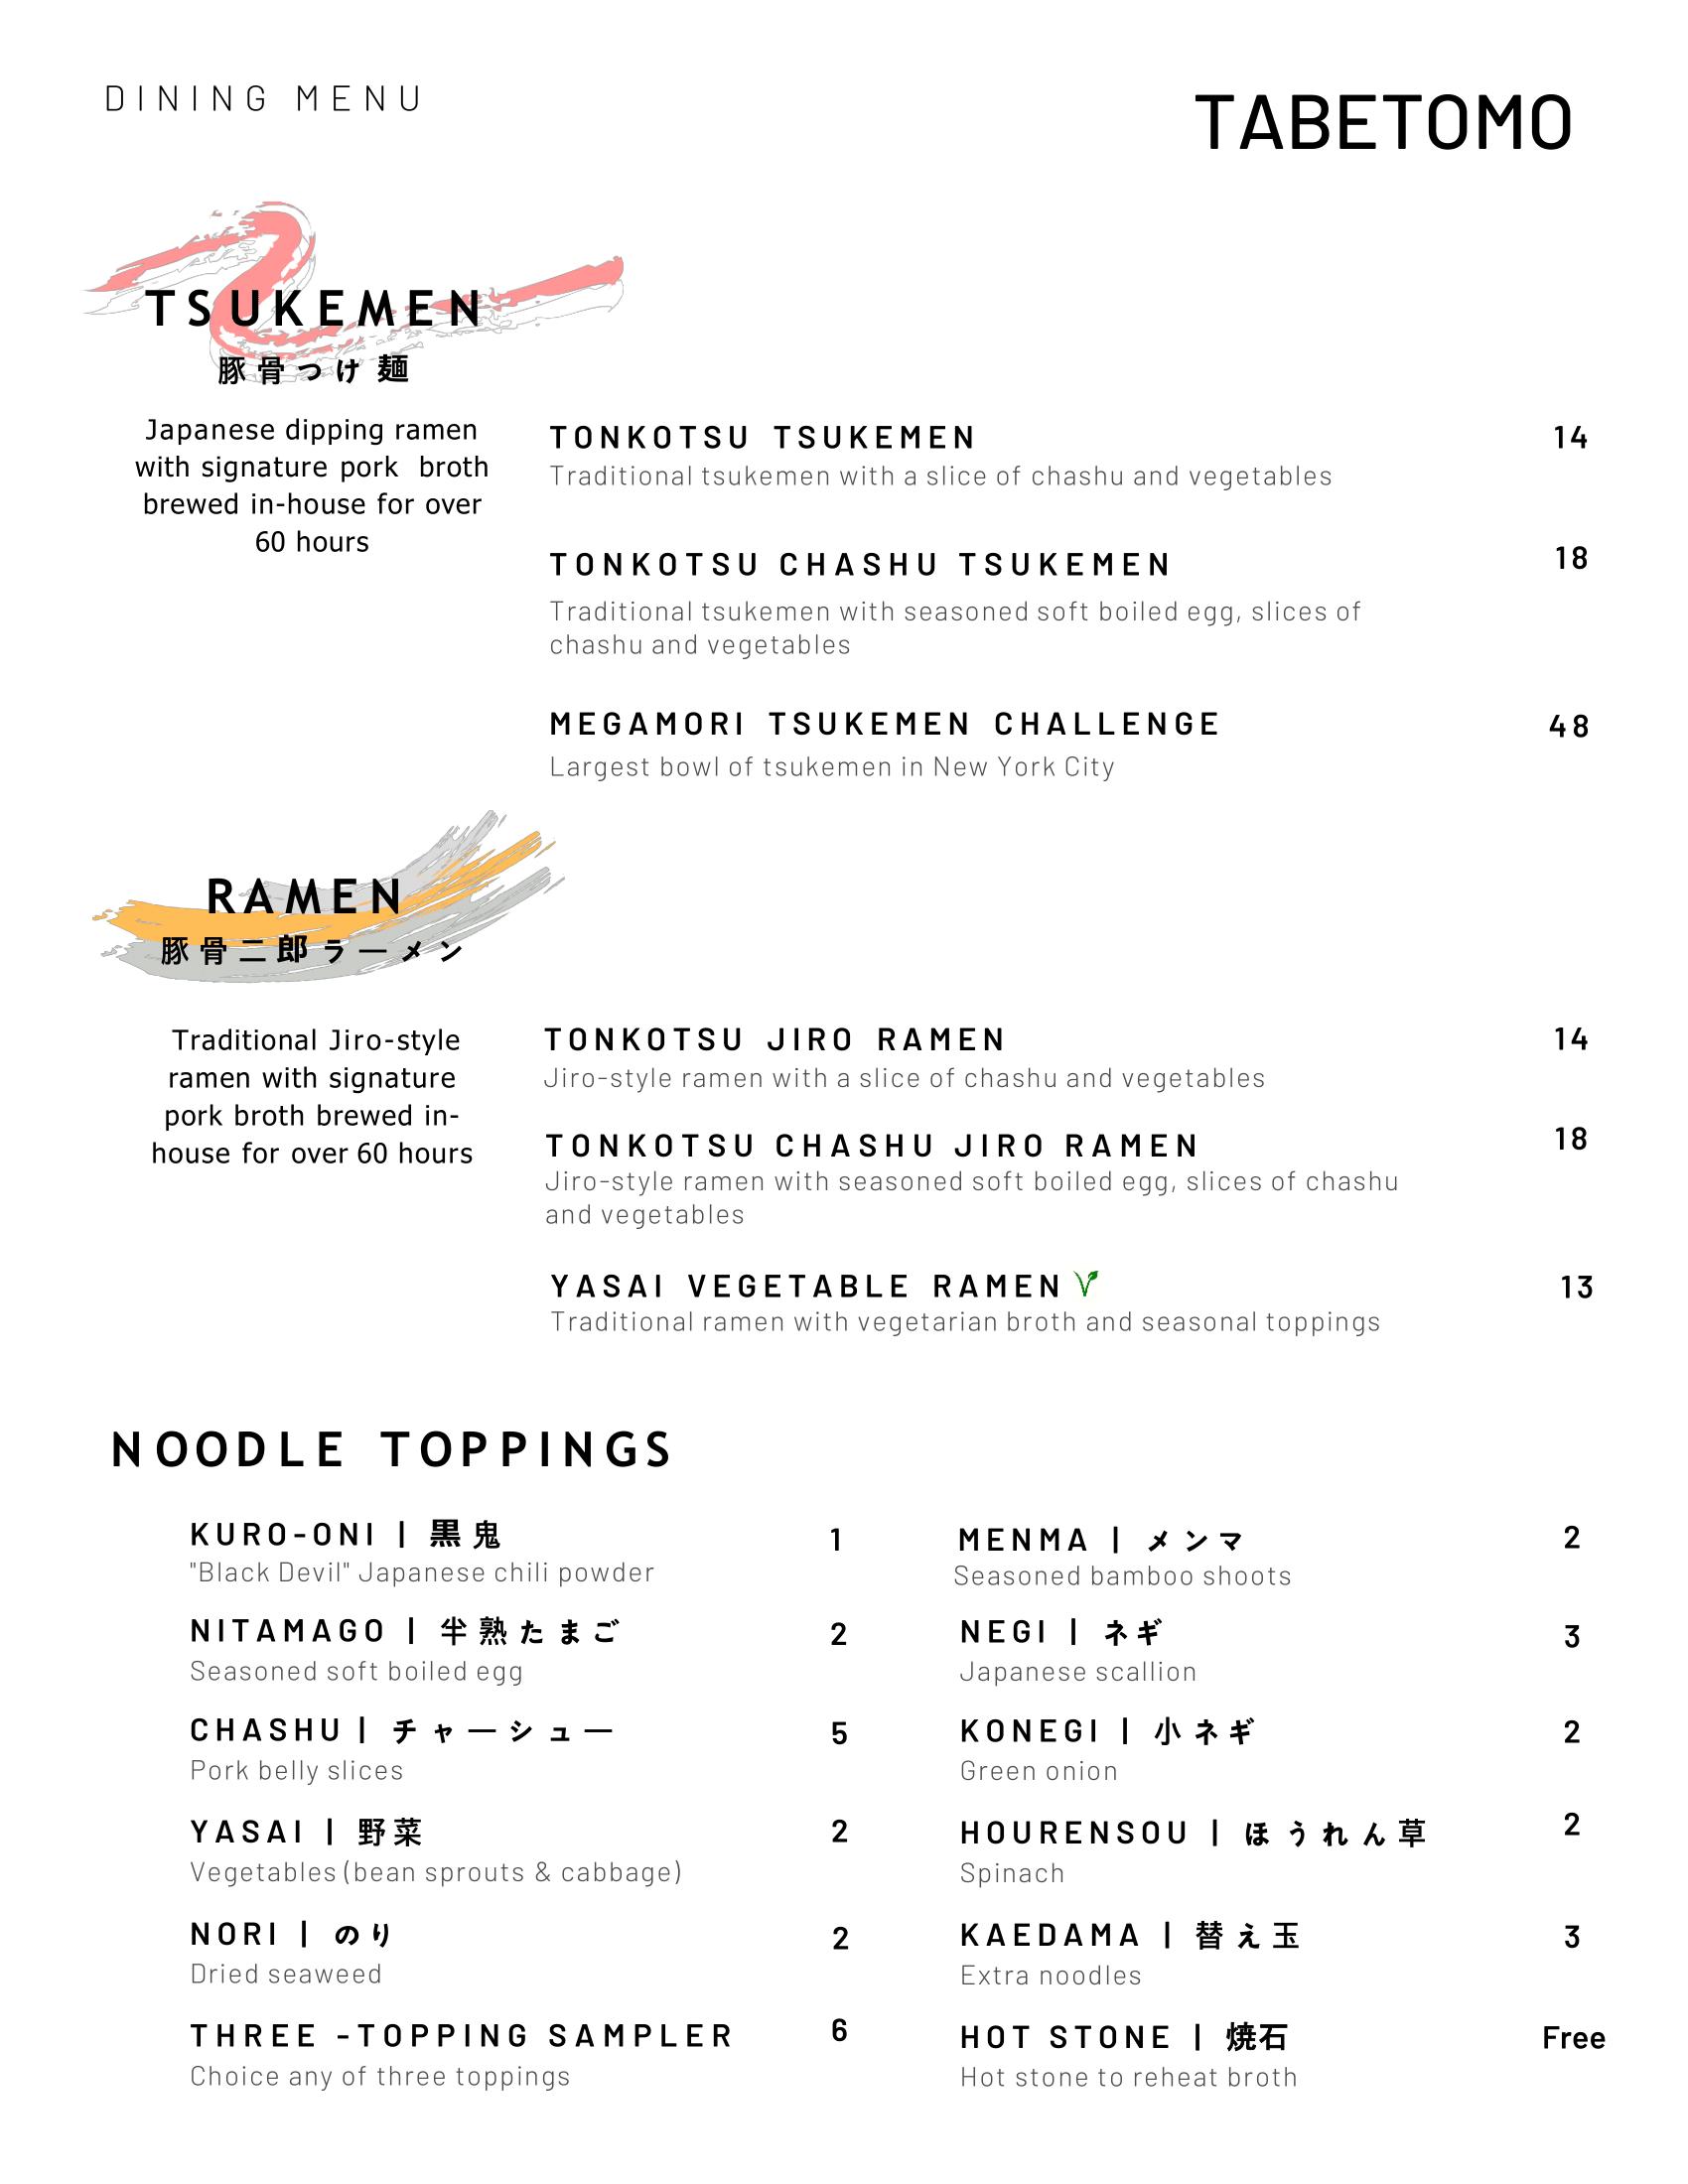 TabeTomo Menu Food_June 2019-2.png